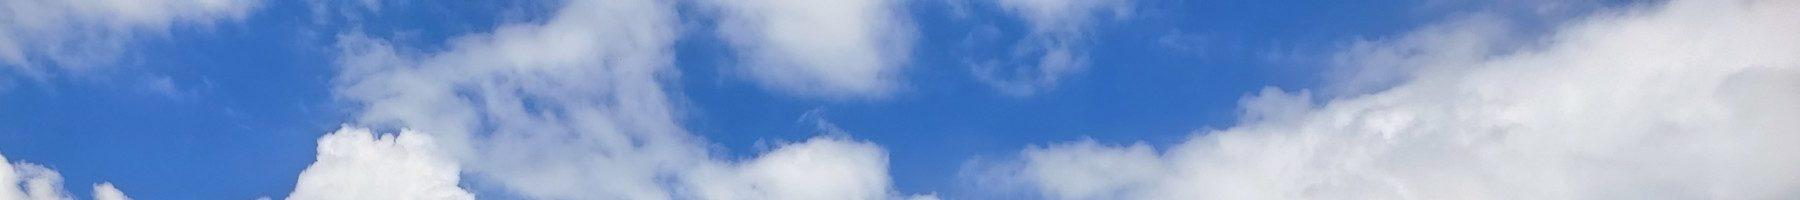 お家の悩み相談 - 不動産相談や遺品整理の事なら(株)ジャスティス(田布施町の不動産会社)